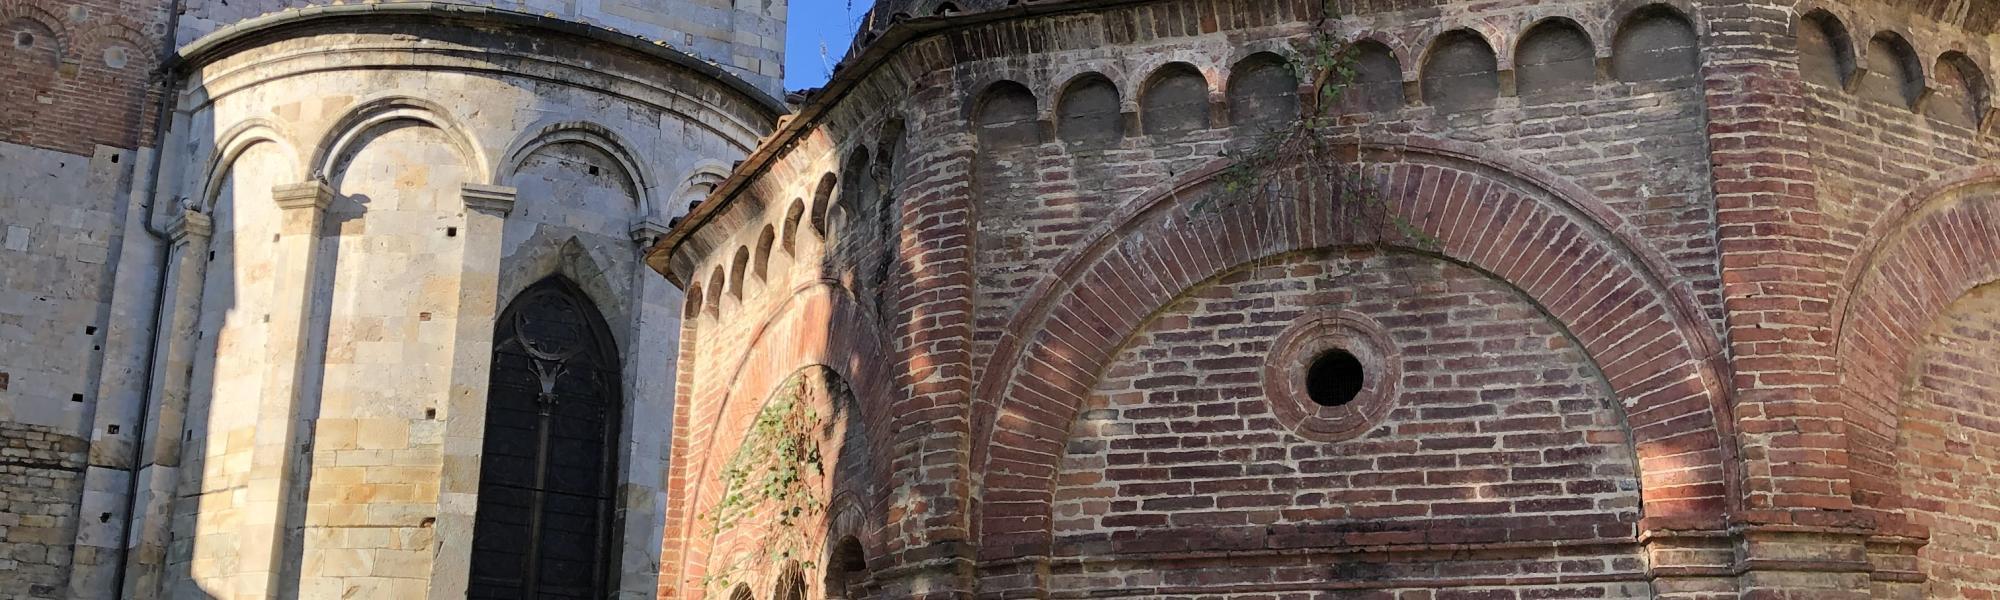 Chiesa San Paolo a Ripa d'Arno e Cappella di Sant'Agata (G. Bettini, Comune di Pisa)